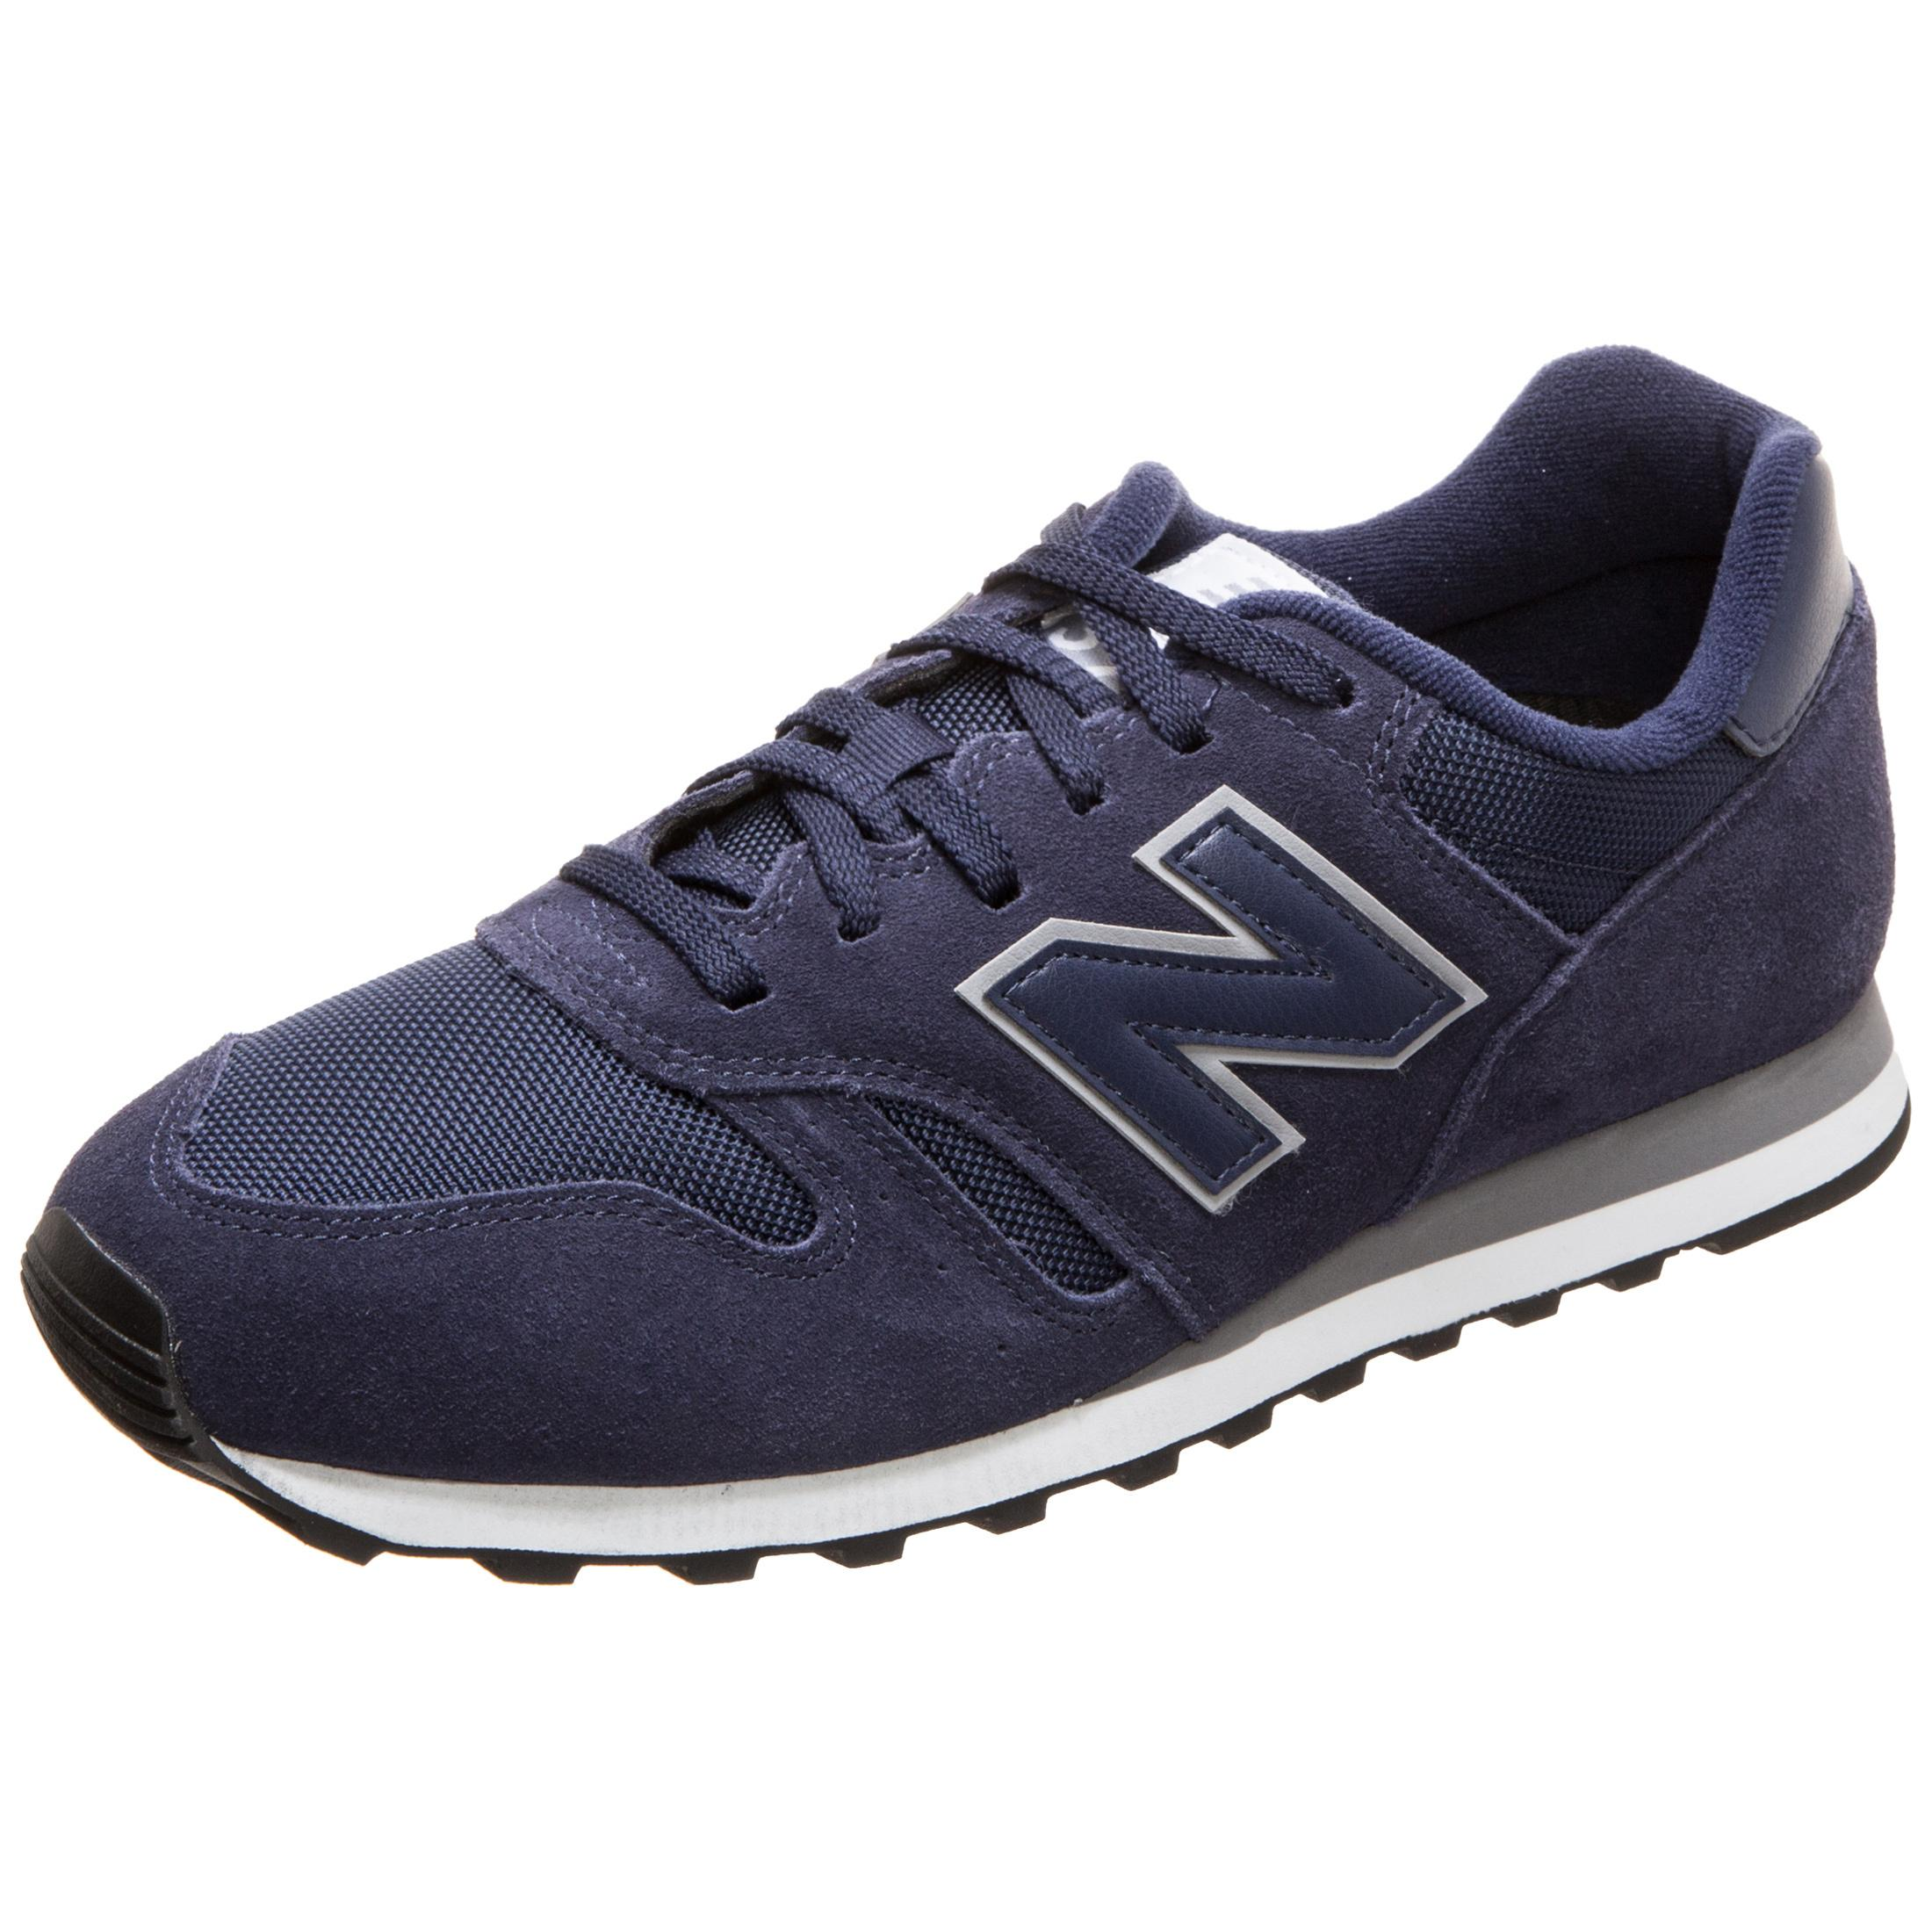 NEW BALANCE ML373-NIV-D Sneaker Herren blau / weiß im Online Shop von  SportScheck kaufen